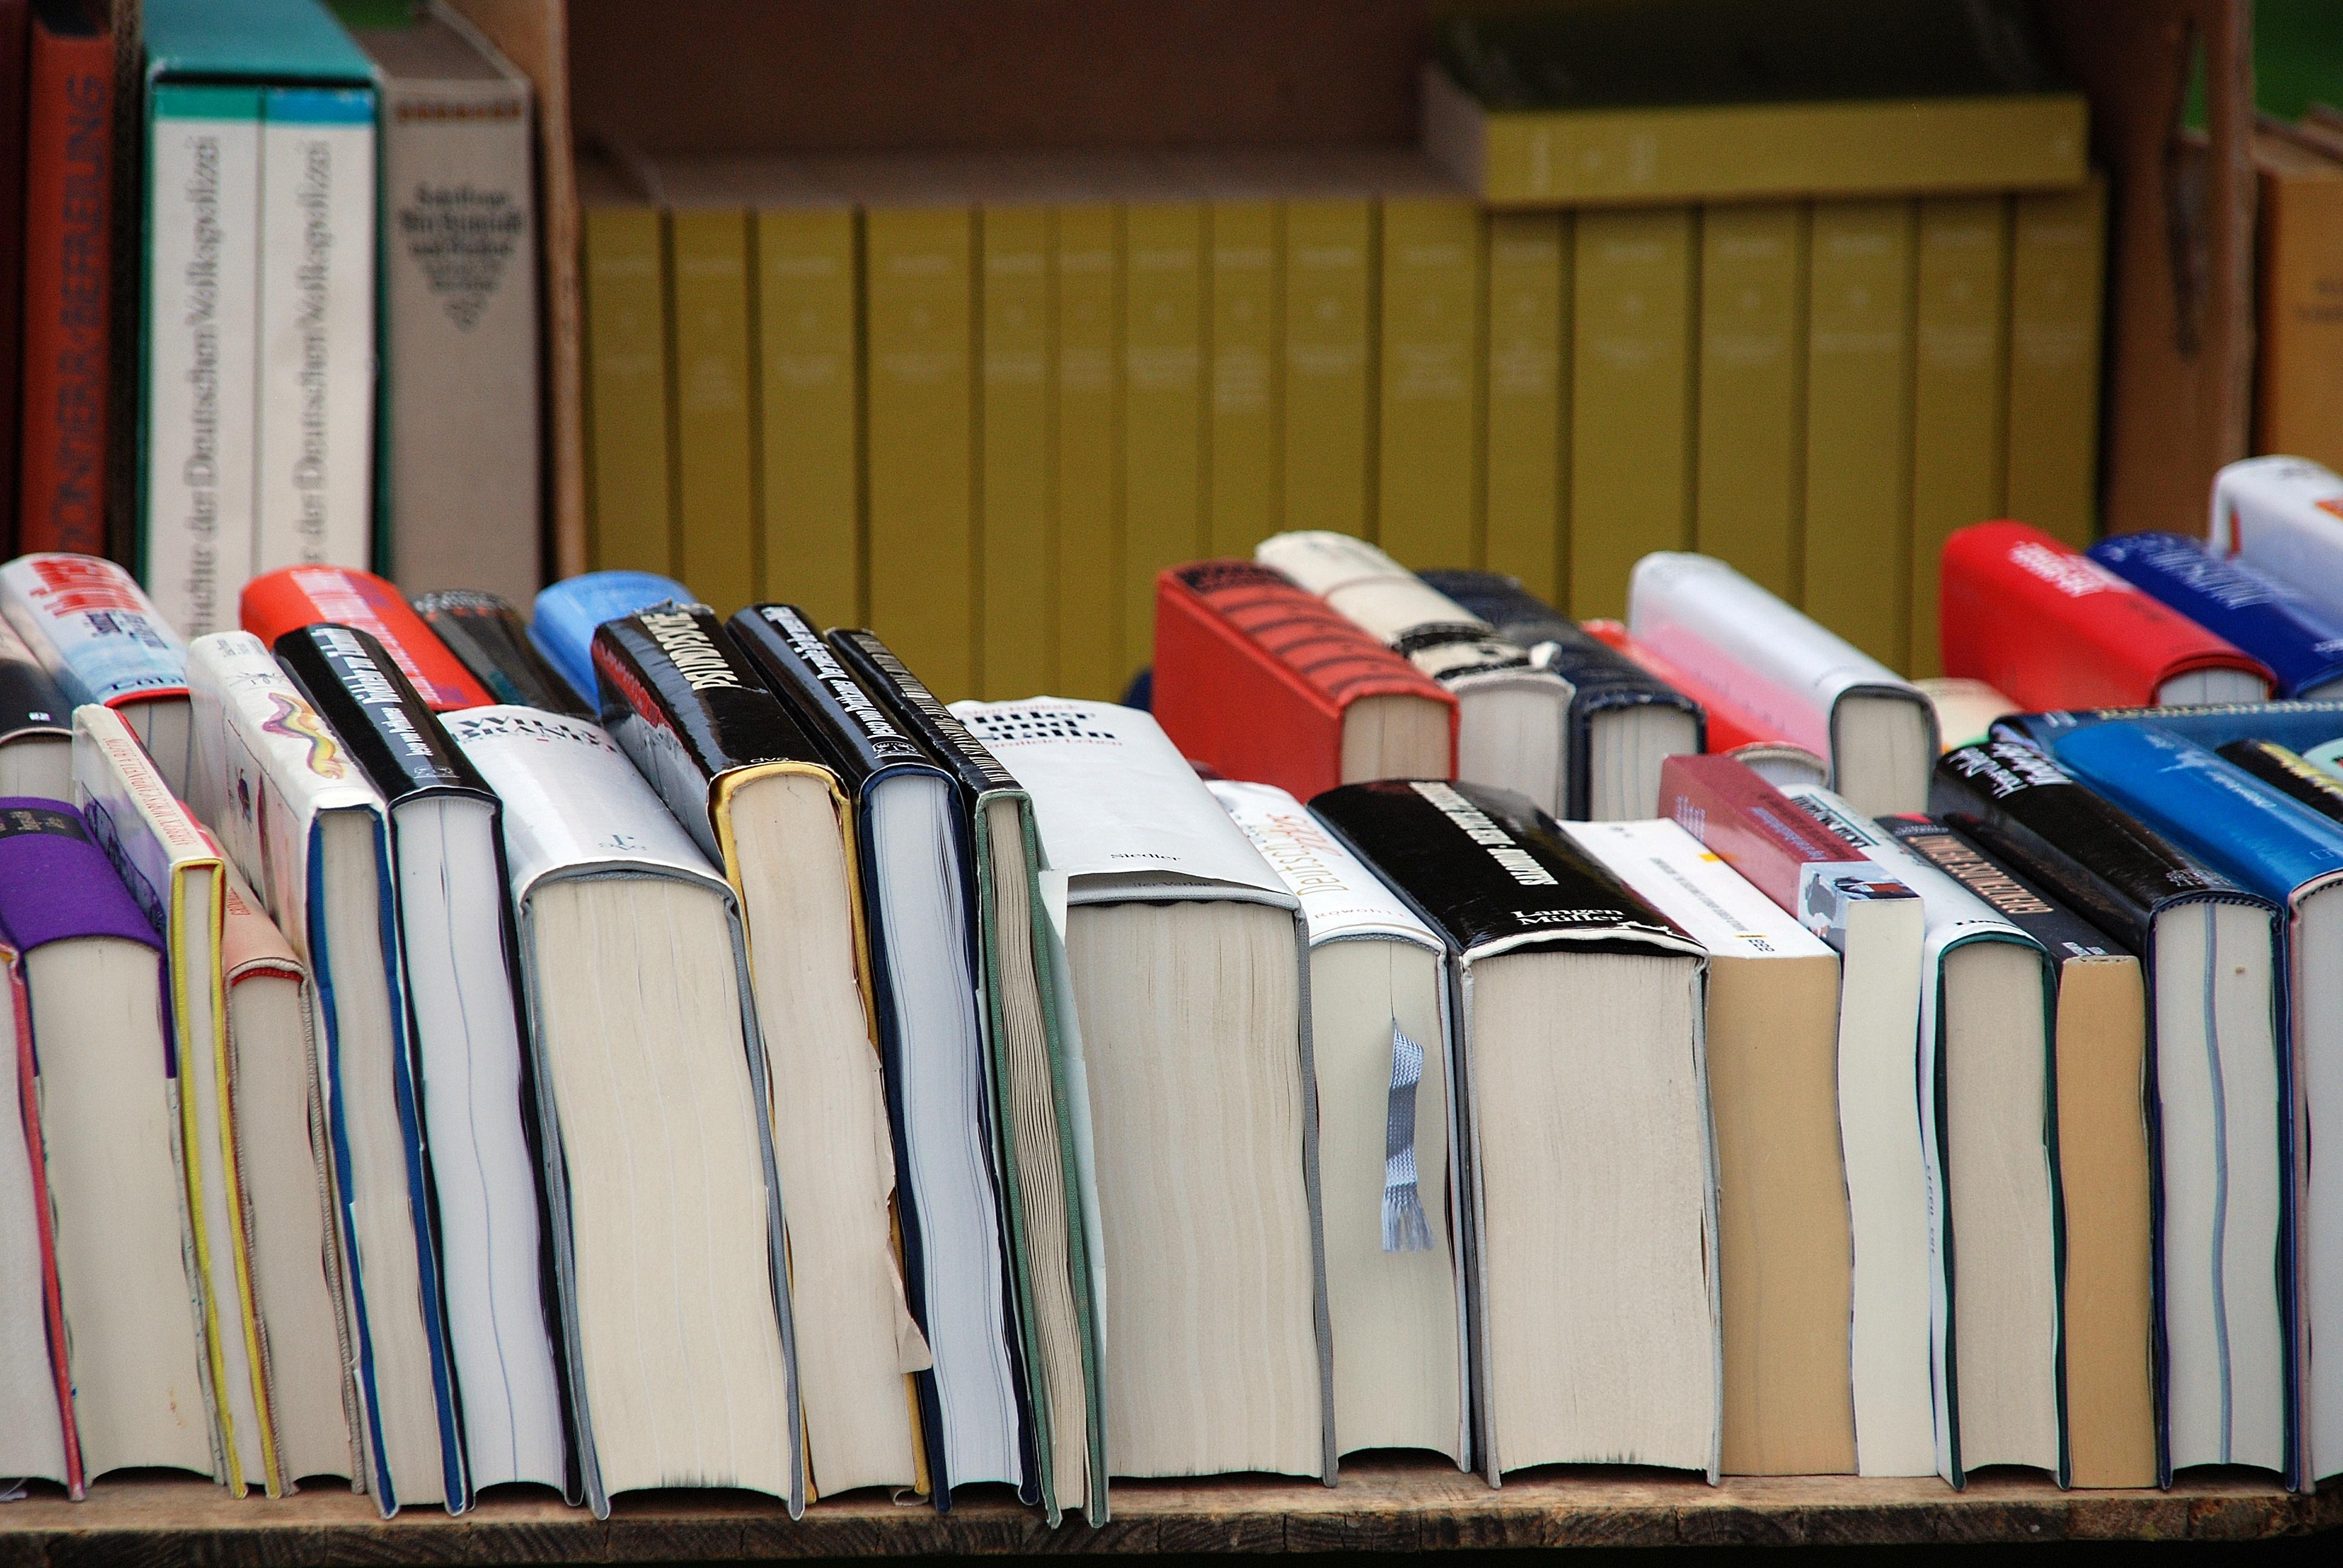 discounted books.jpg